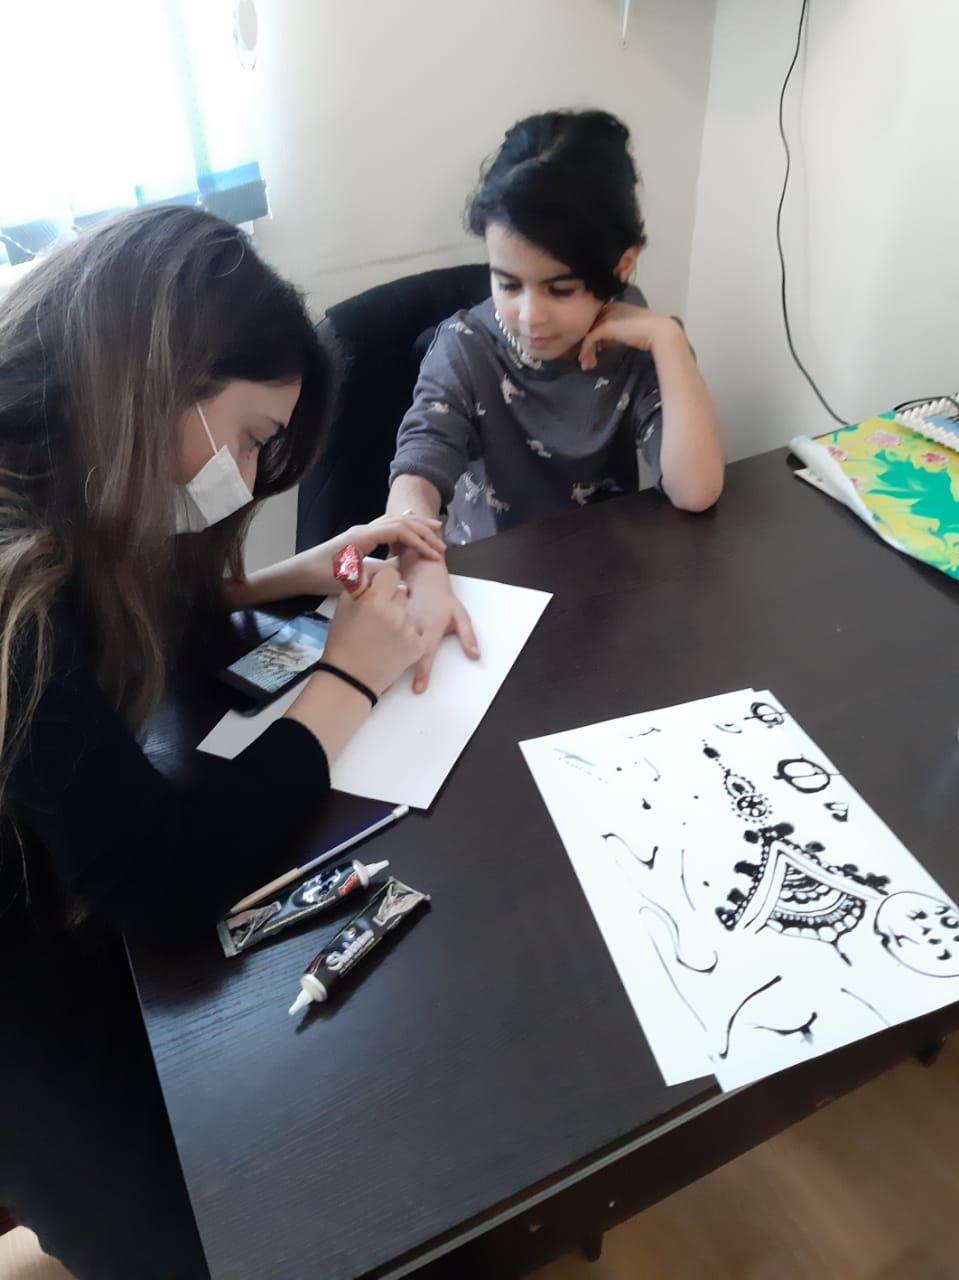 Bakıda uşaqların inkişafı üçün lazım olan hər şey: MƏKANLAR + QİYMƏTLƏR, fotoşəkil-4